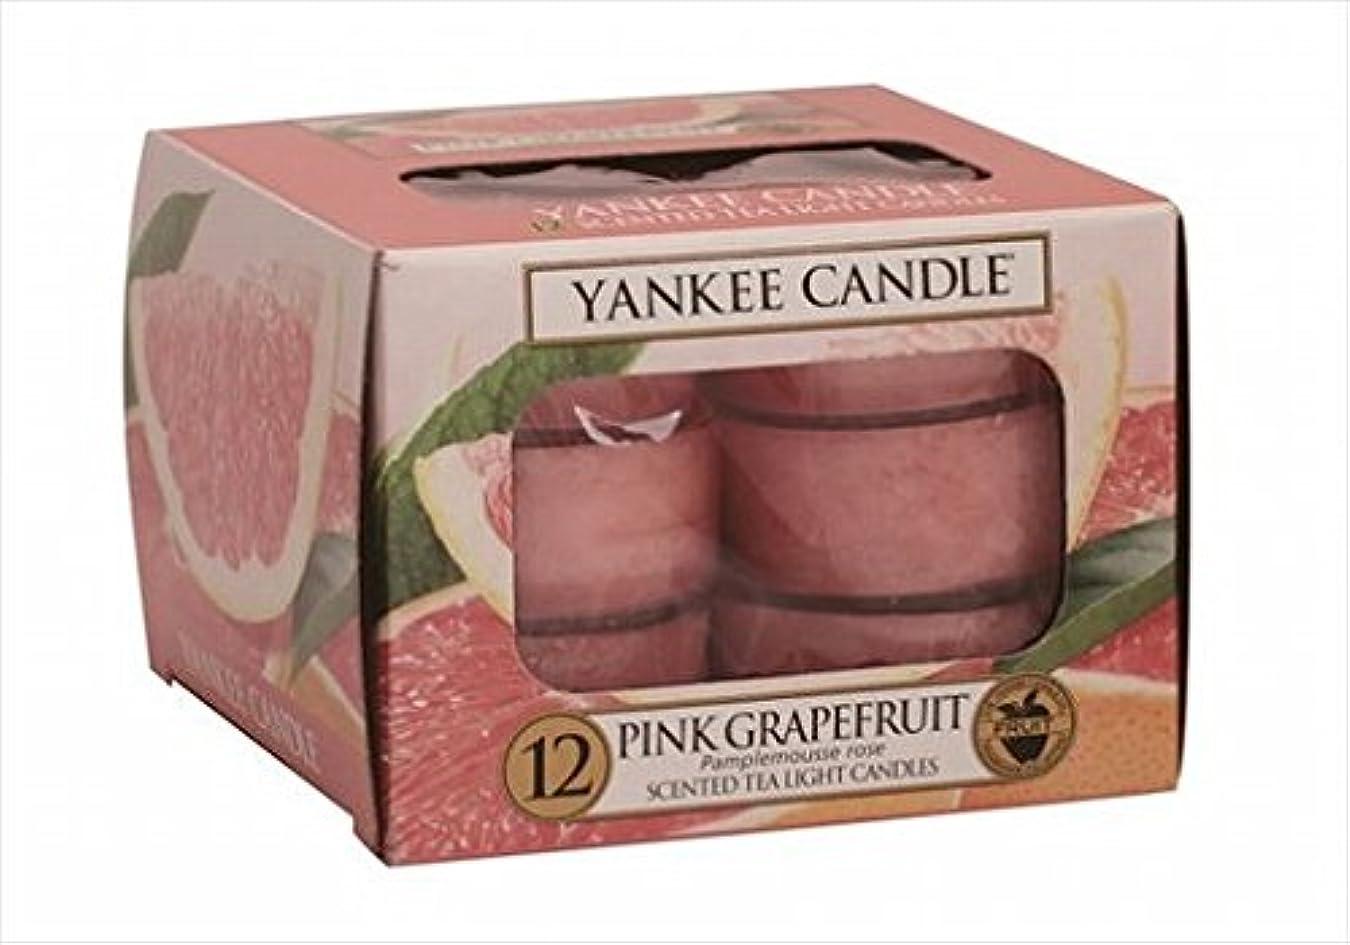 翻訳する消毒剤授業料ヤンキーキャンドル(YANKEE CANDLE) YANKEE CANDLEクリアカップティーライト12個入り 「 ピンクグレープフルーツ 」